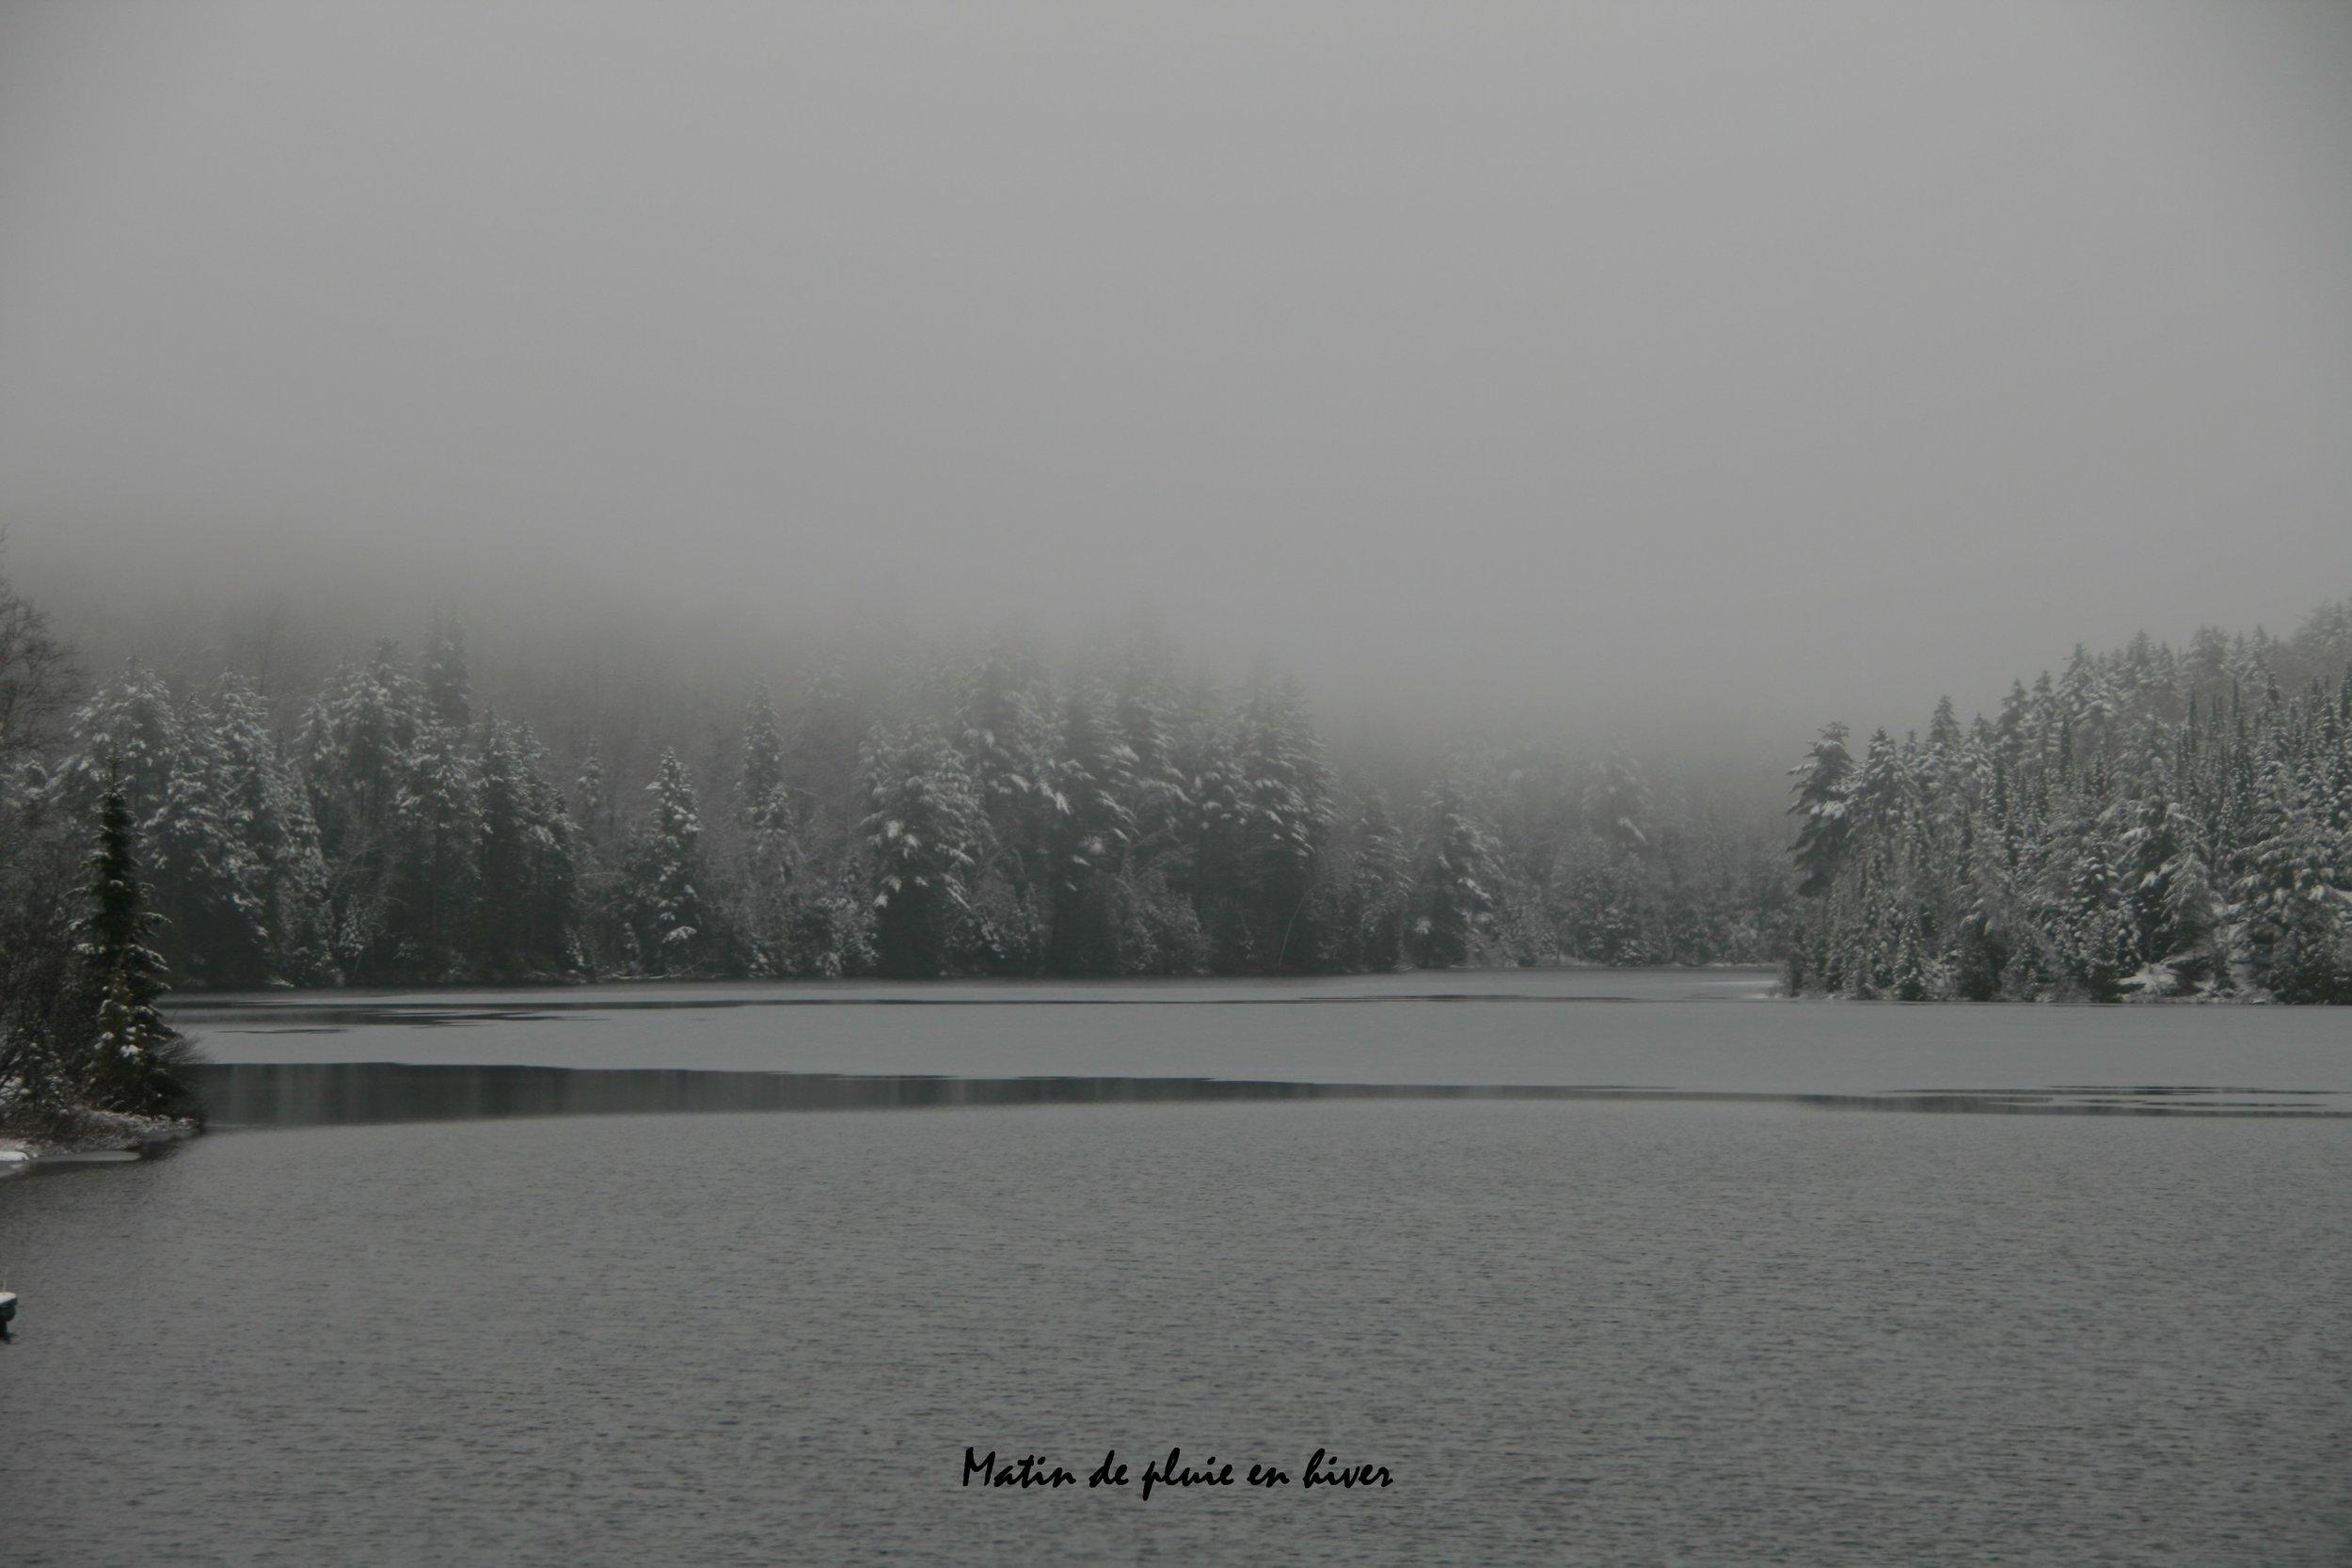 2010 Matin de pluie en hiver.JPG